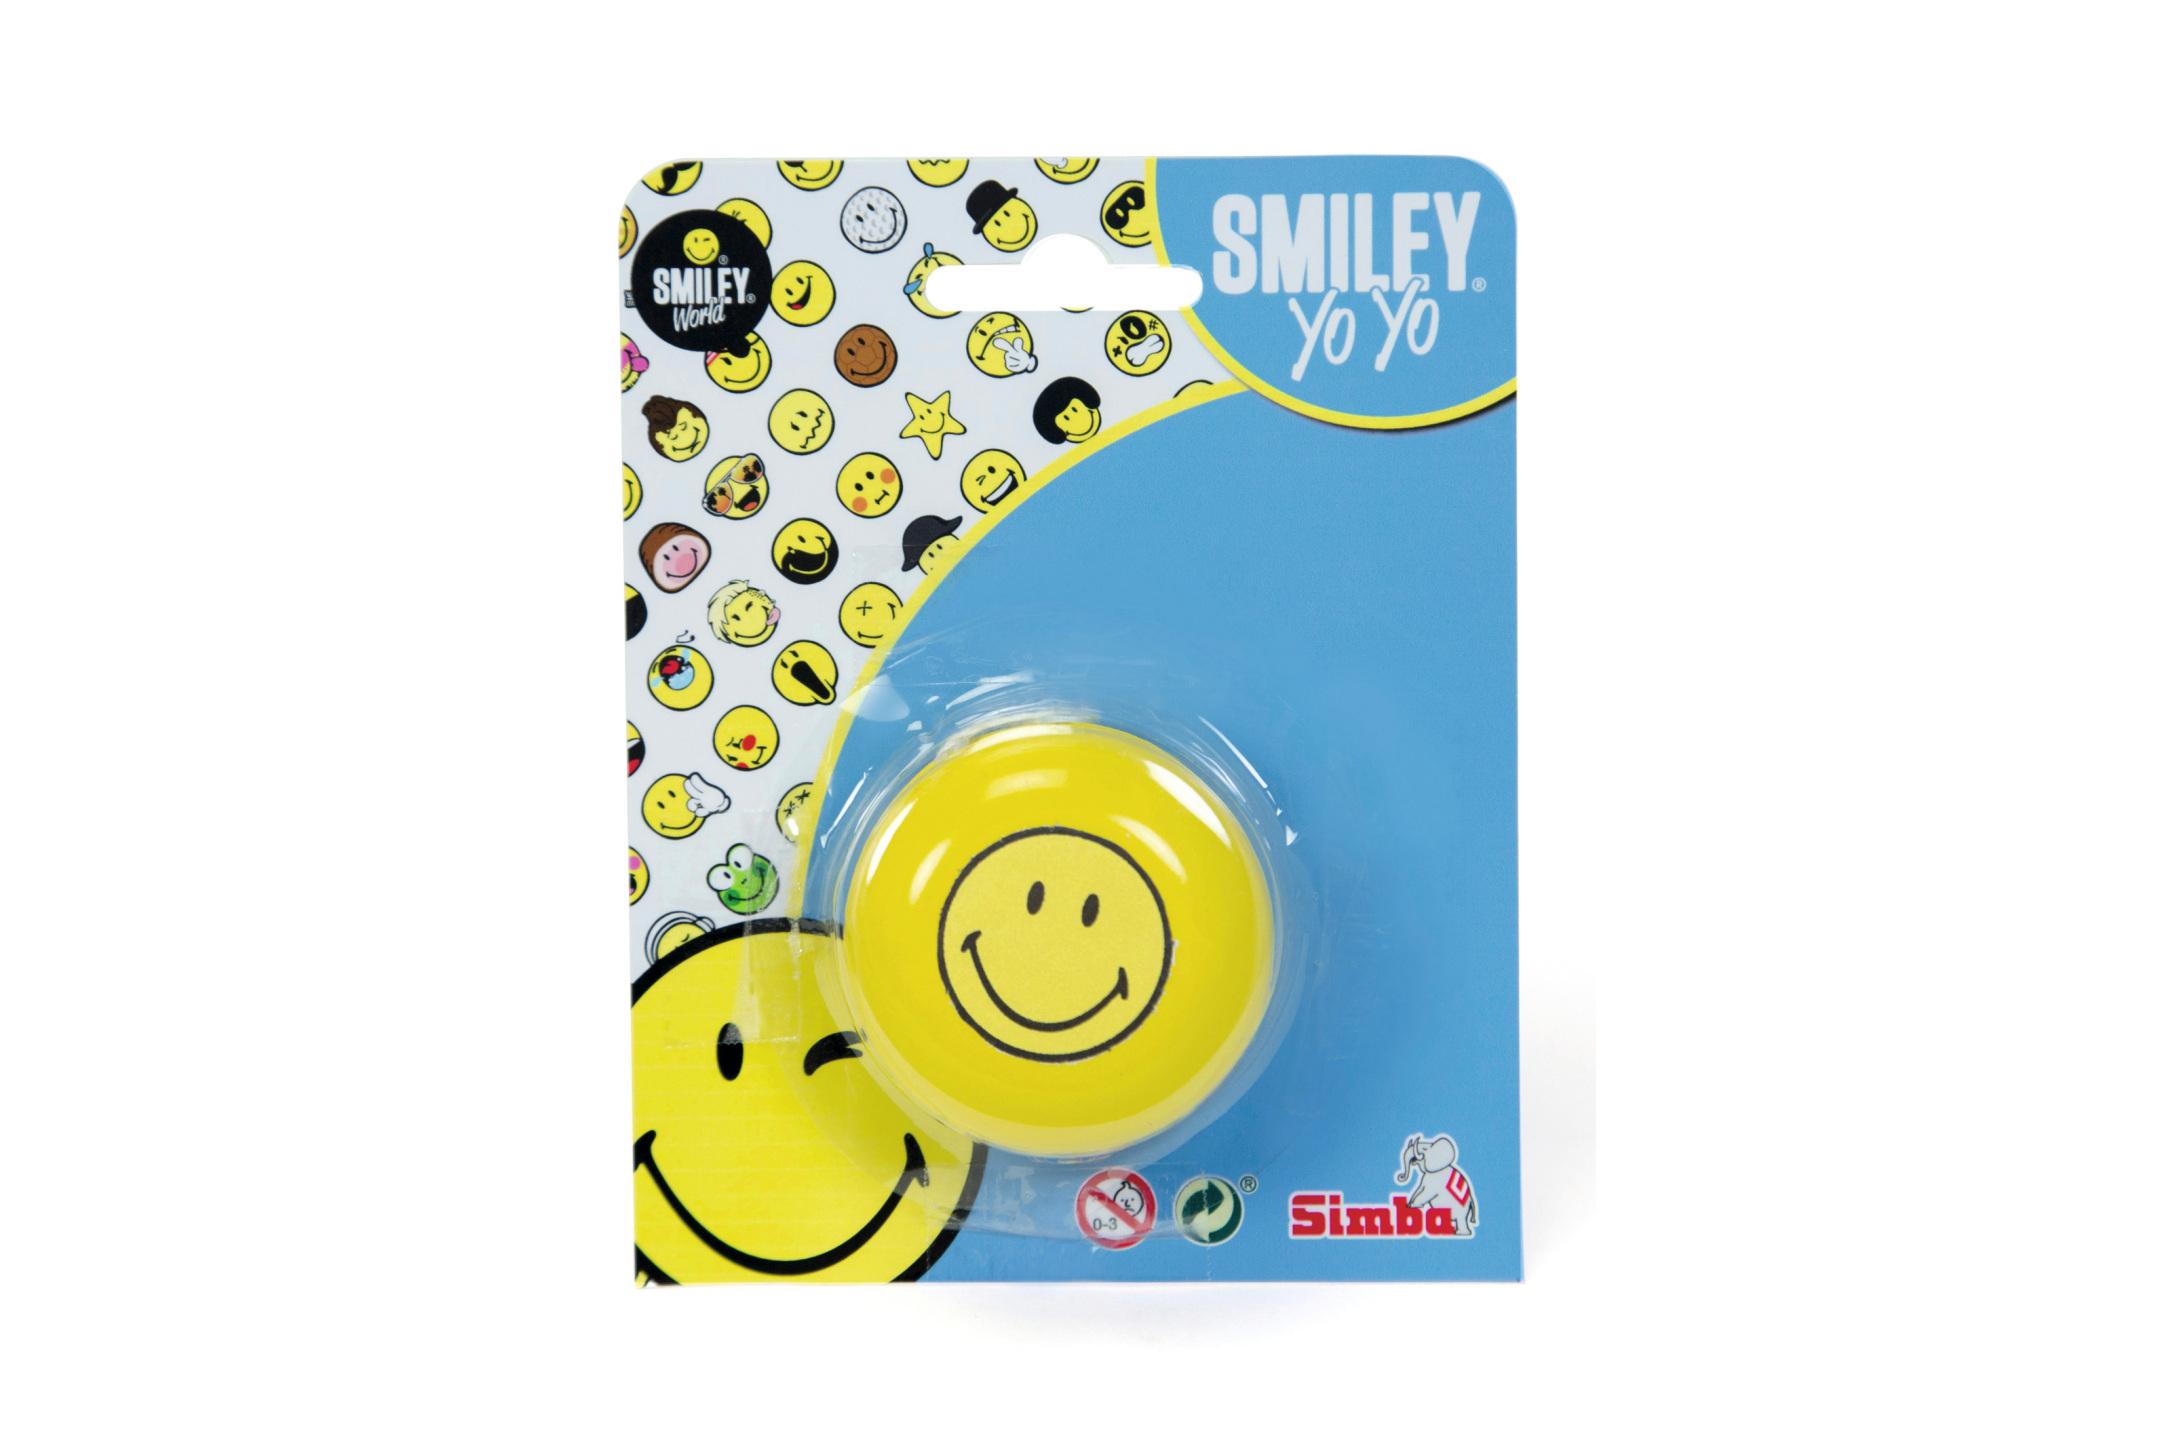 Smiley YoYo 4fs